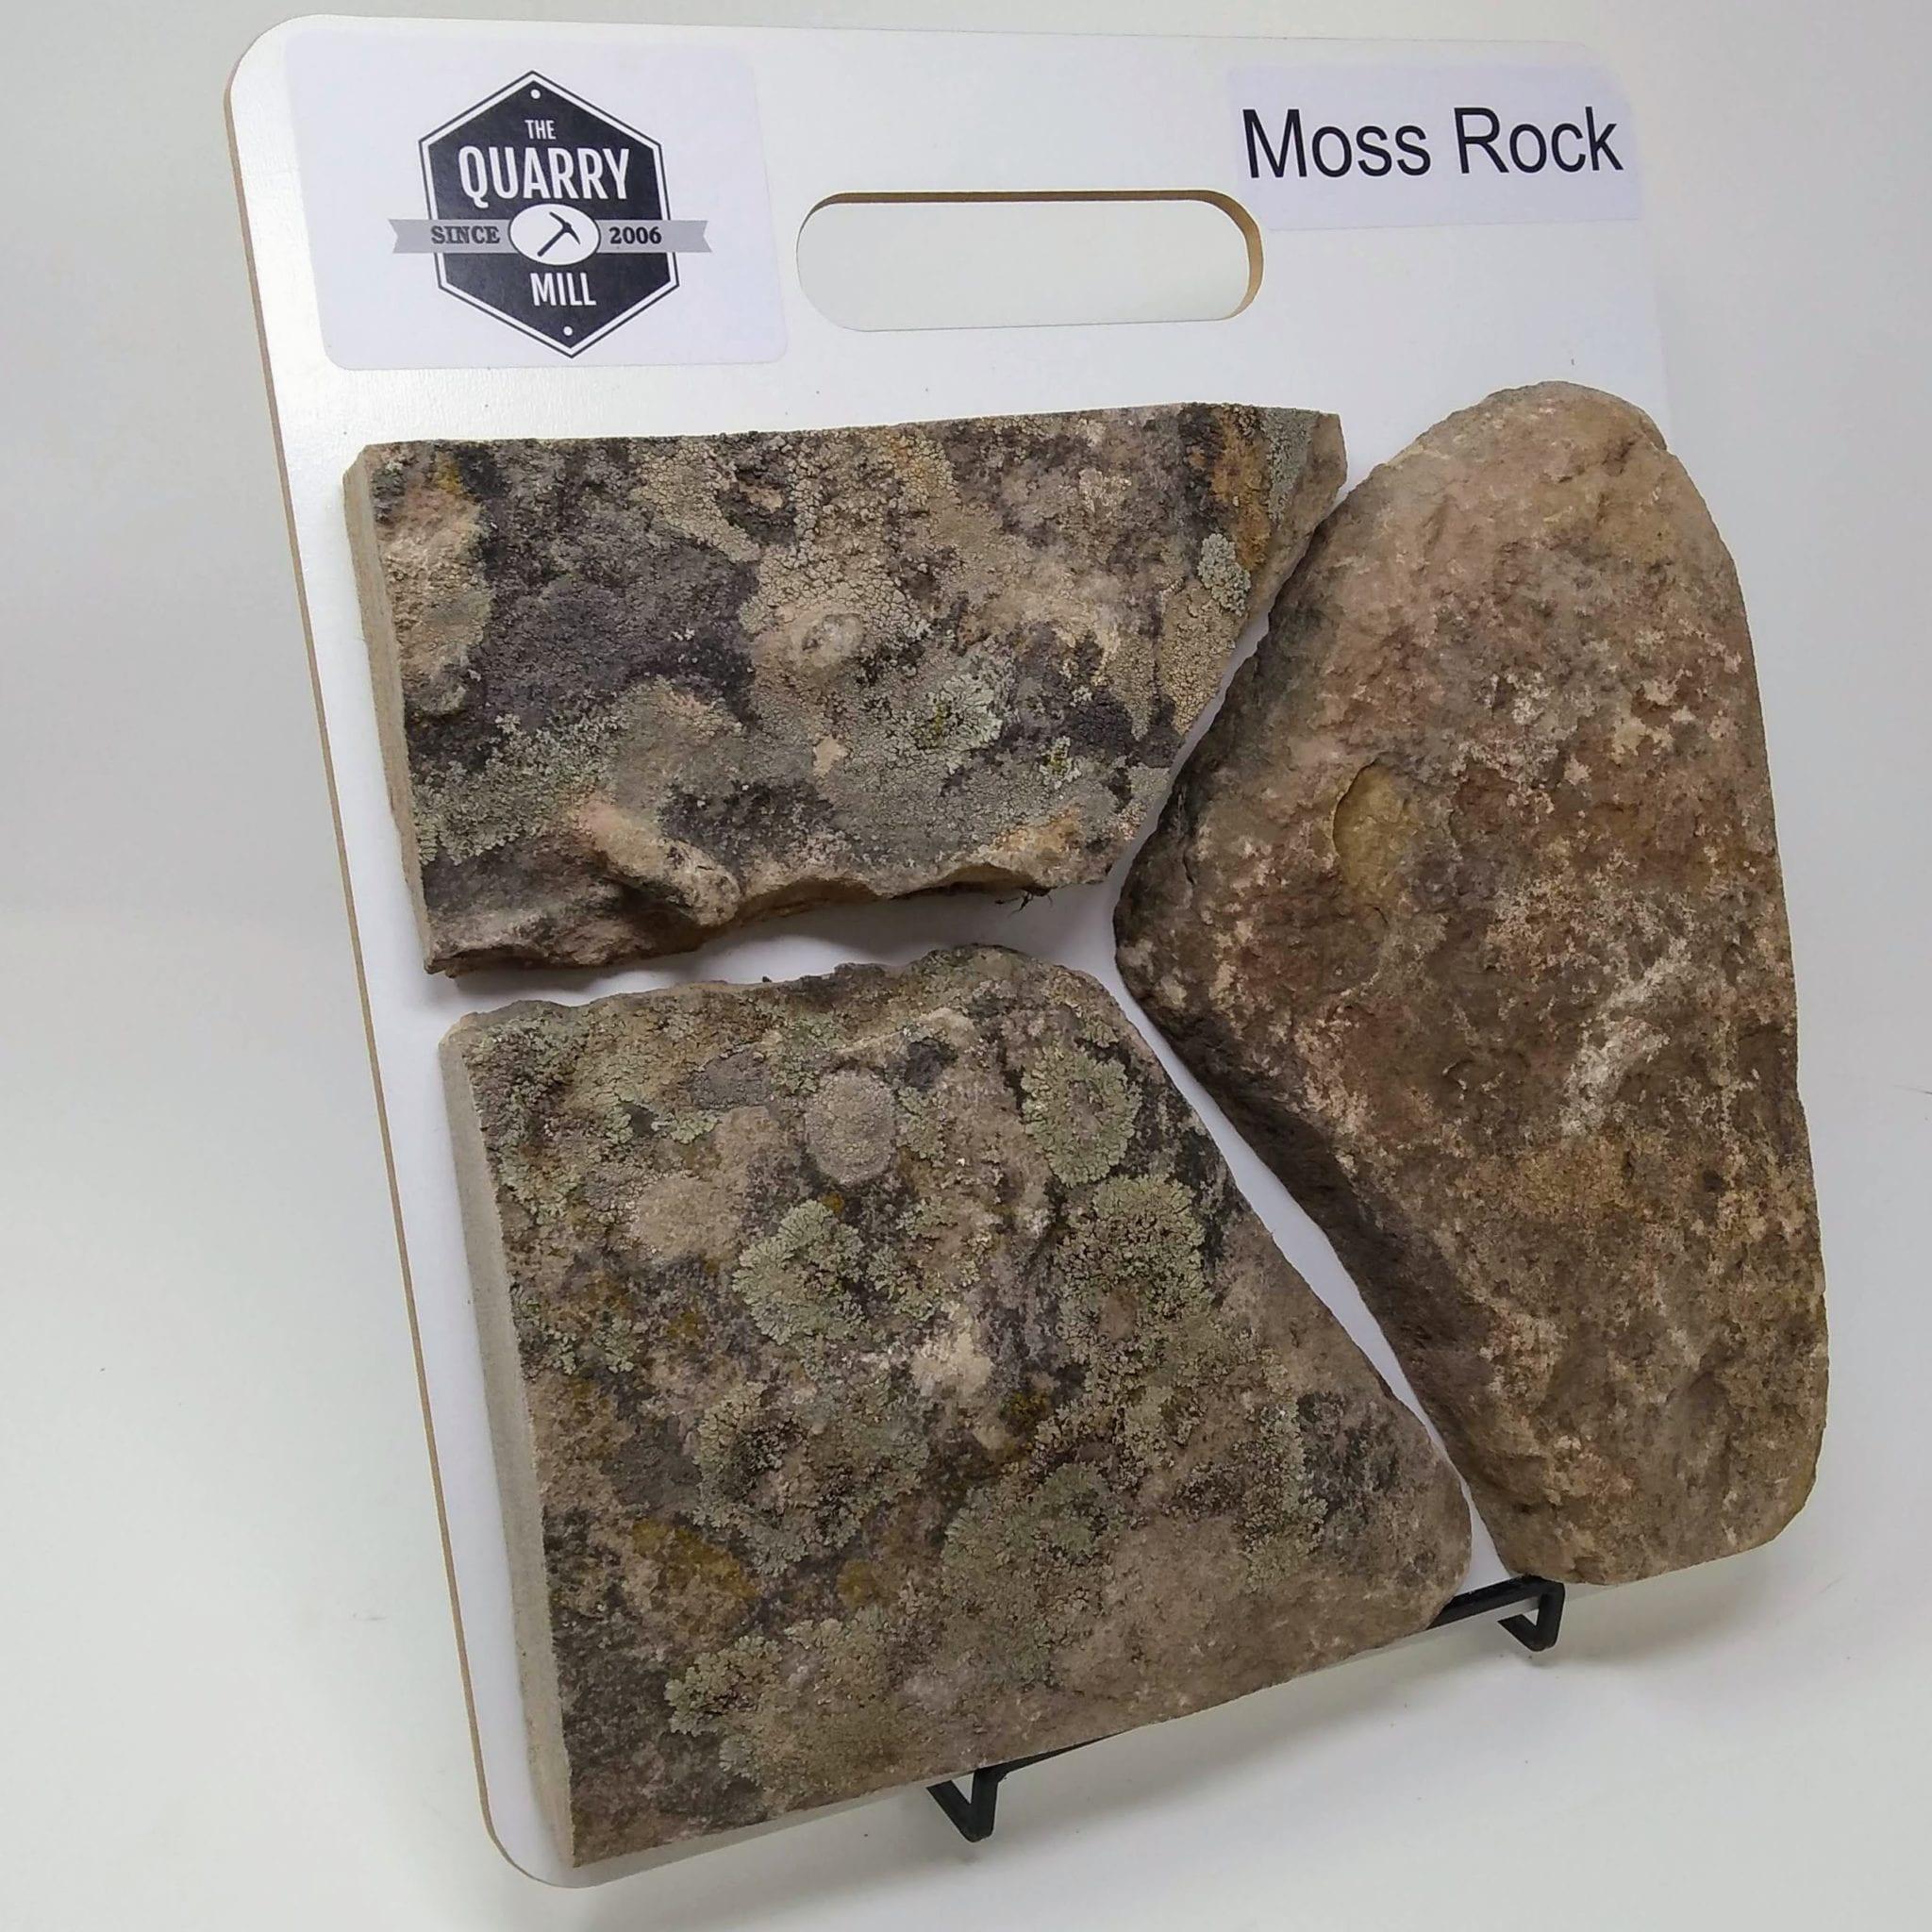 Moss Rock Natural Stone Veneer Sample Board